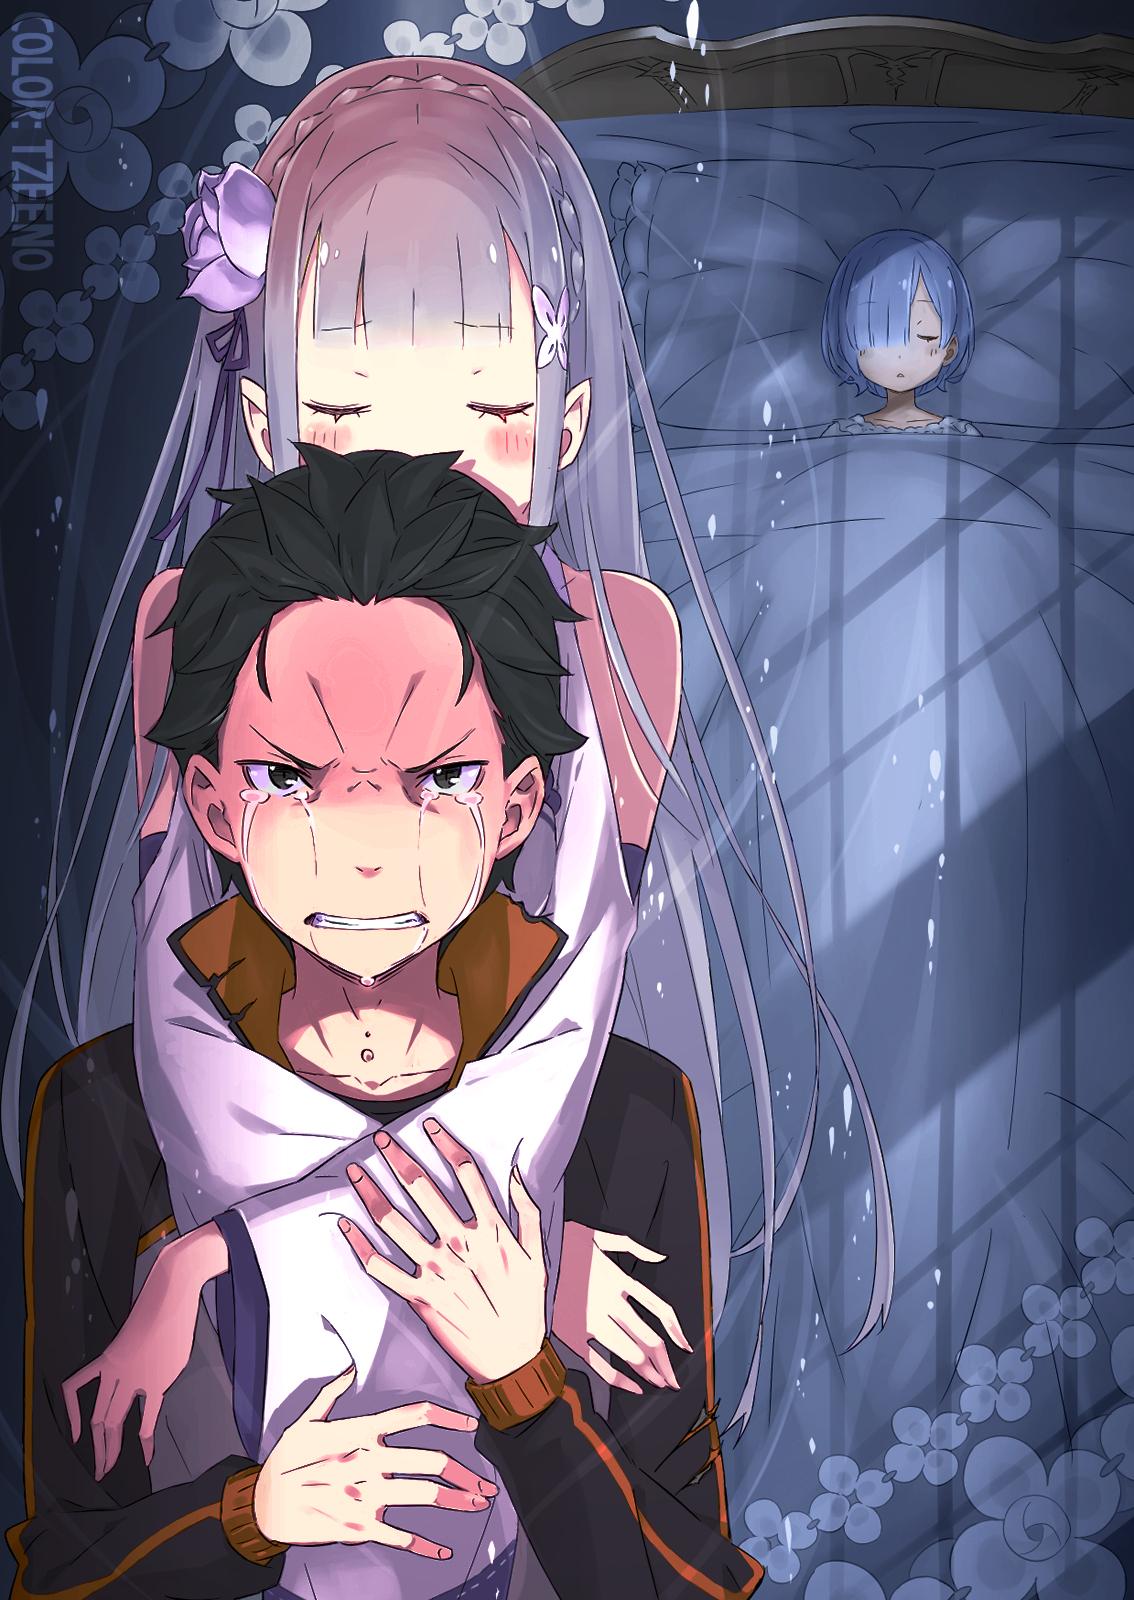 Rezero Kara Hajimeru Isekai Seikatsu Rezero Starting